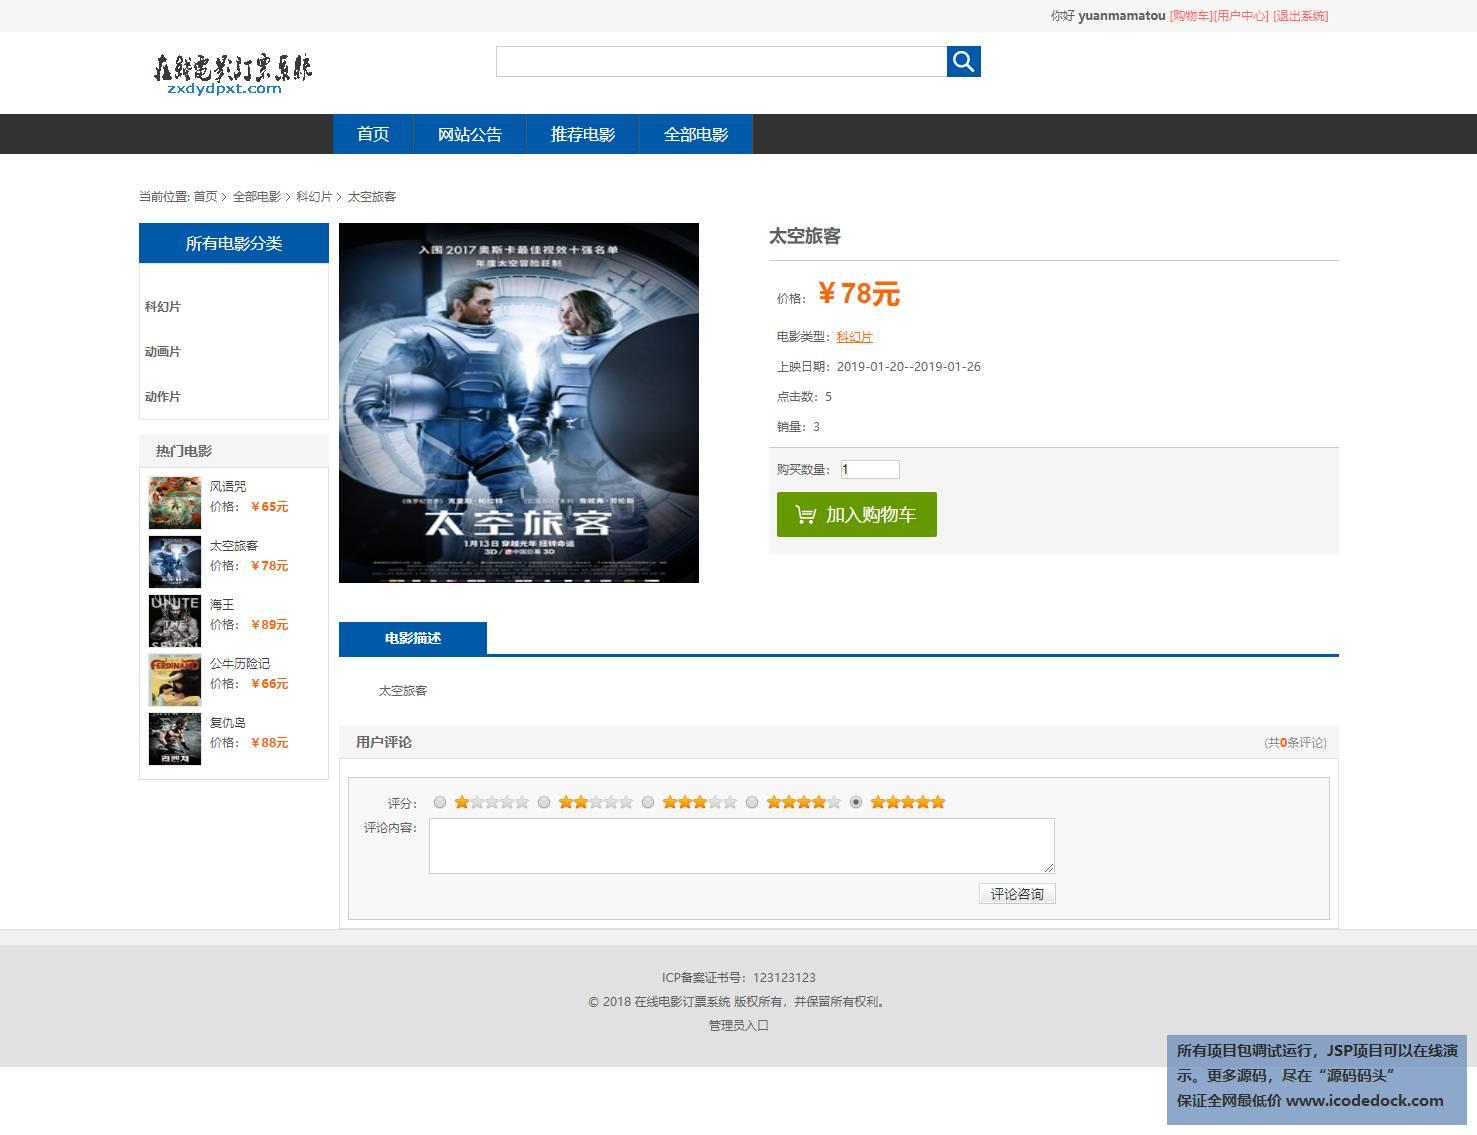 源码码头-SSM电影售票管理系统-用户角色-查看电影详情